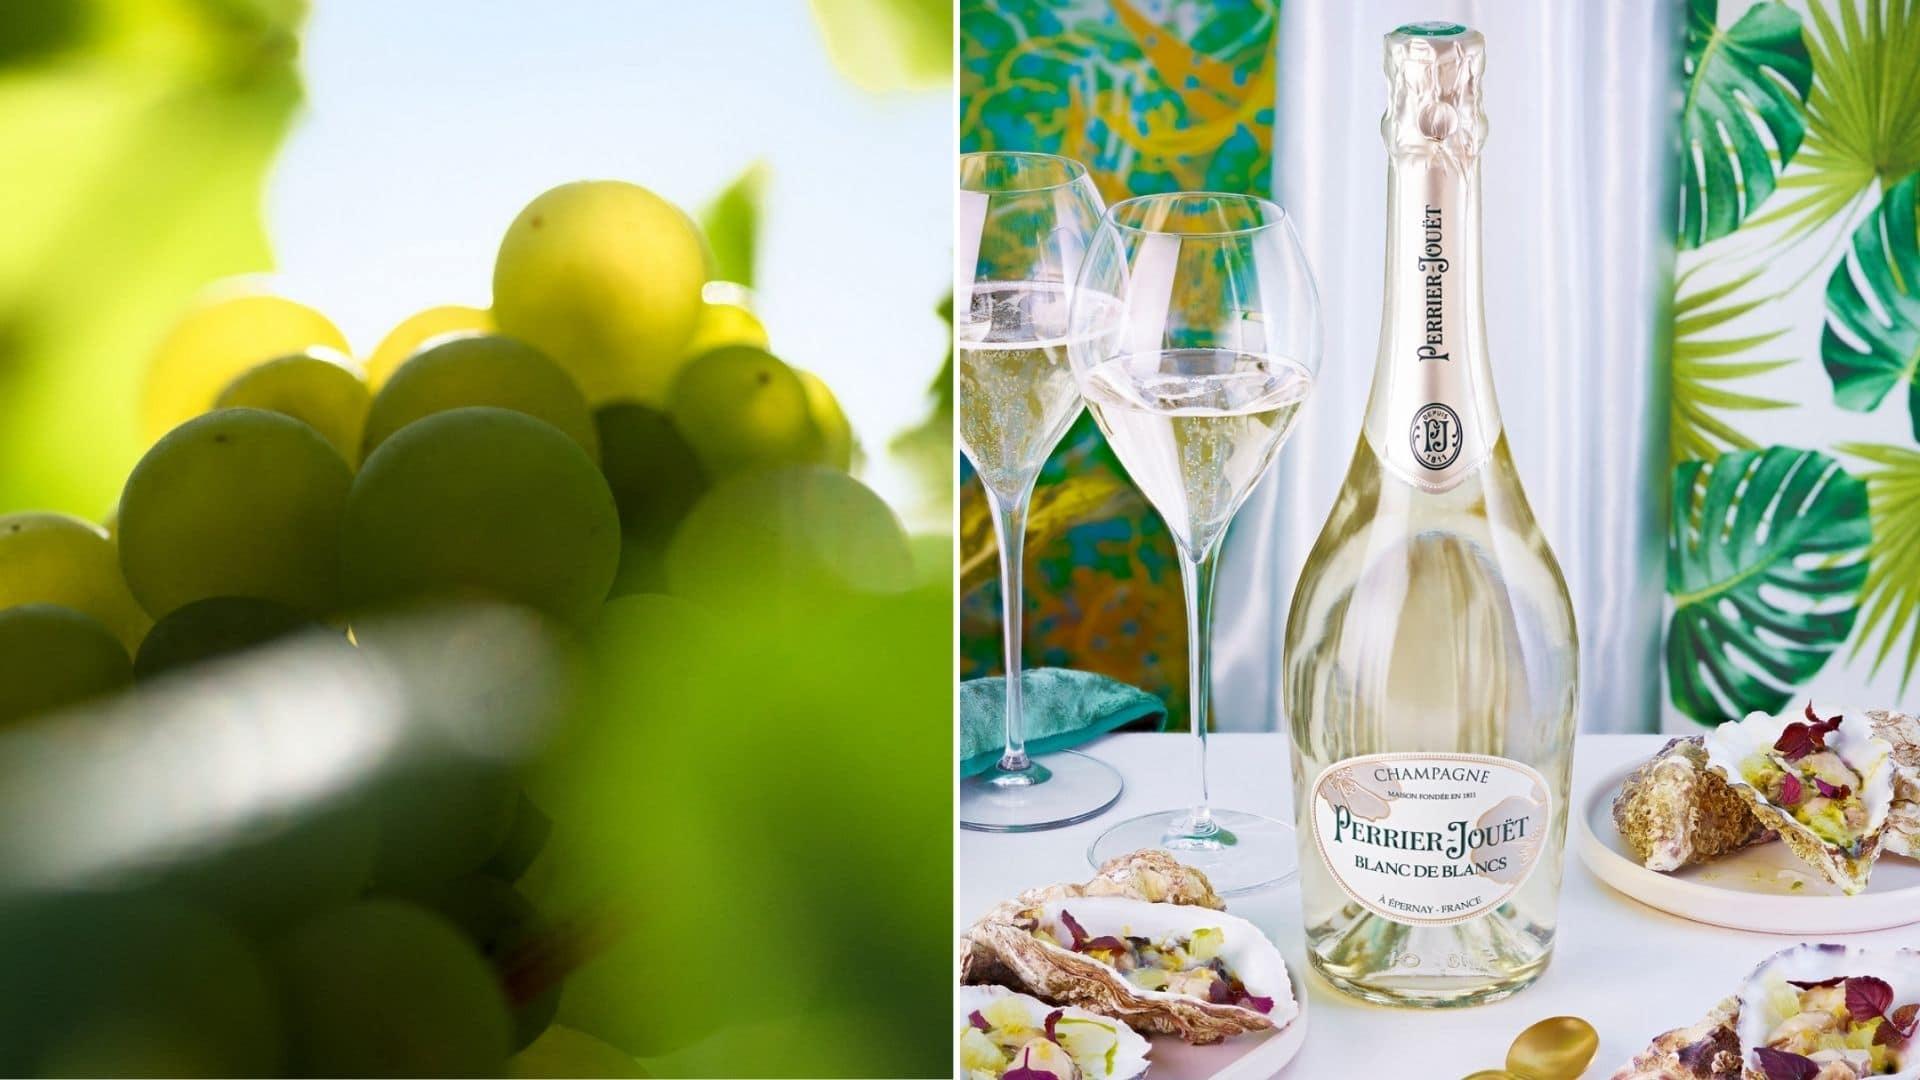 dégustation champagne chardonnay séverine frerson perrier jouet blanc de blancs